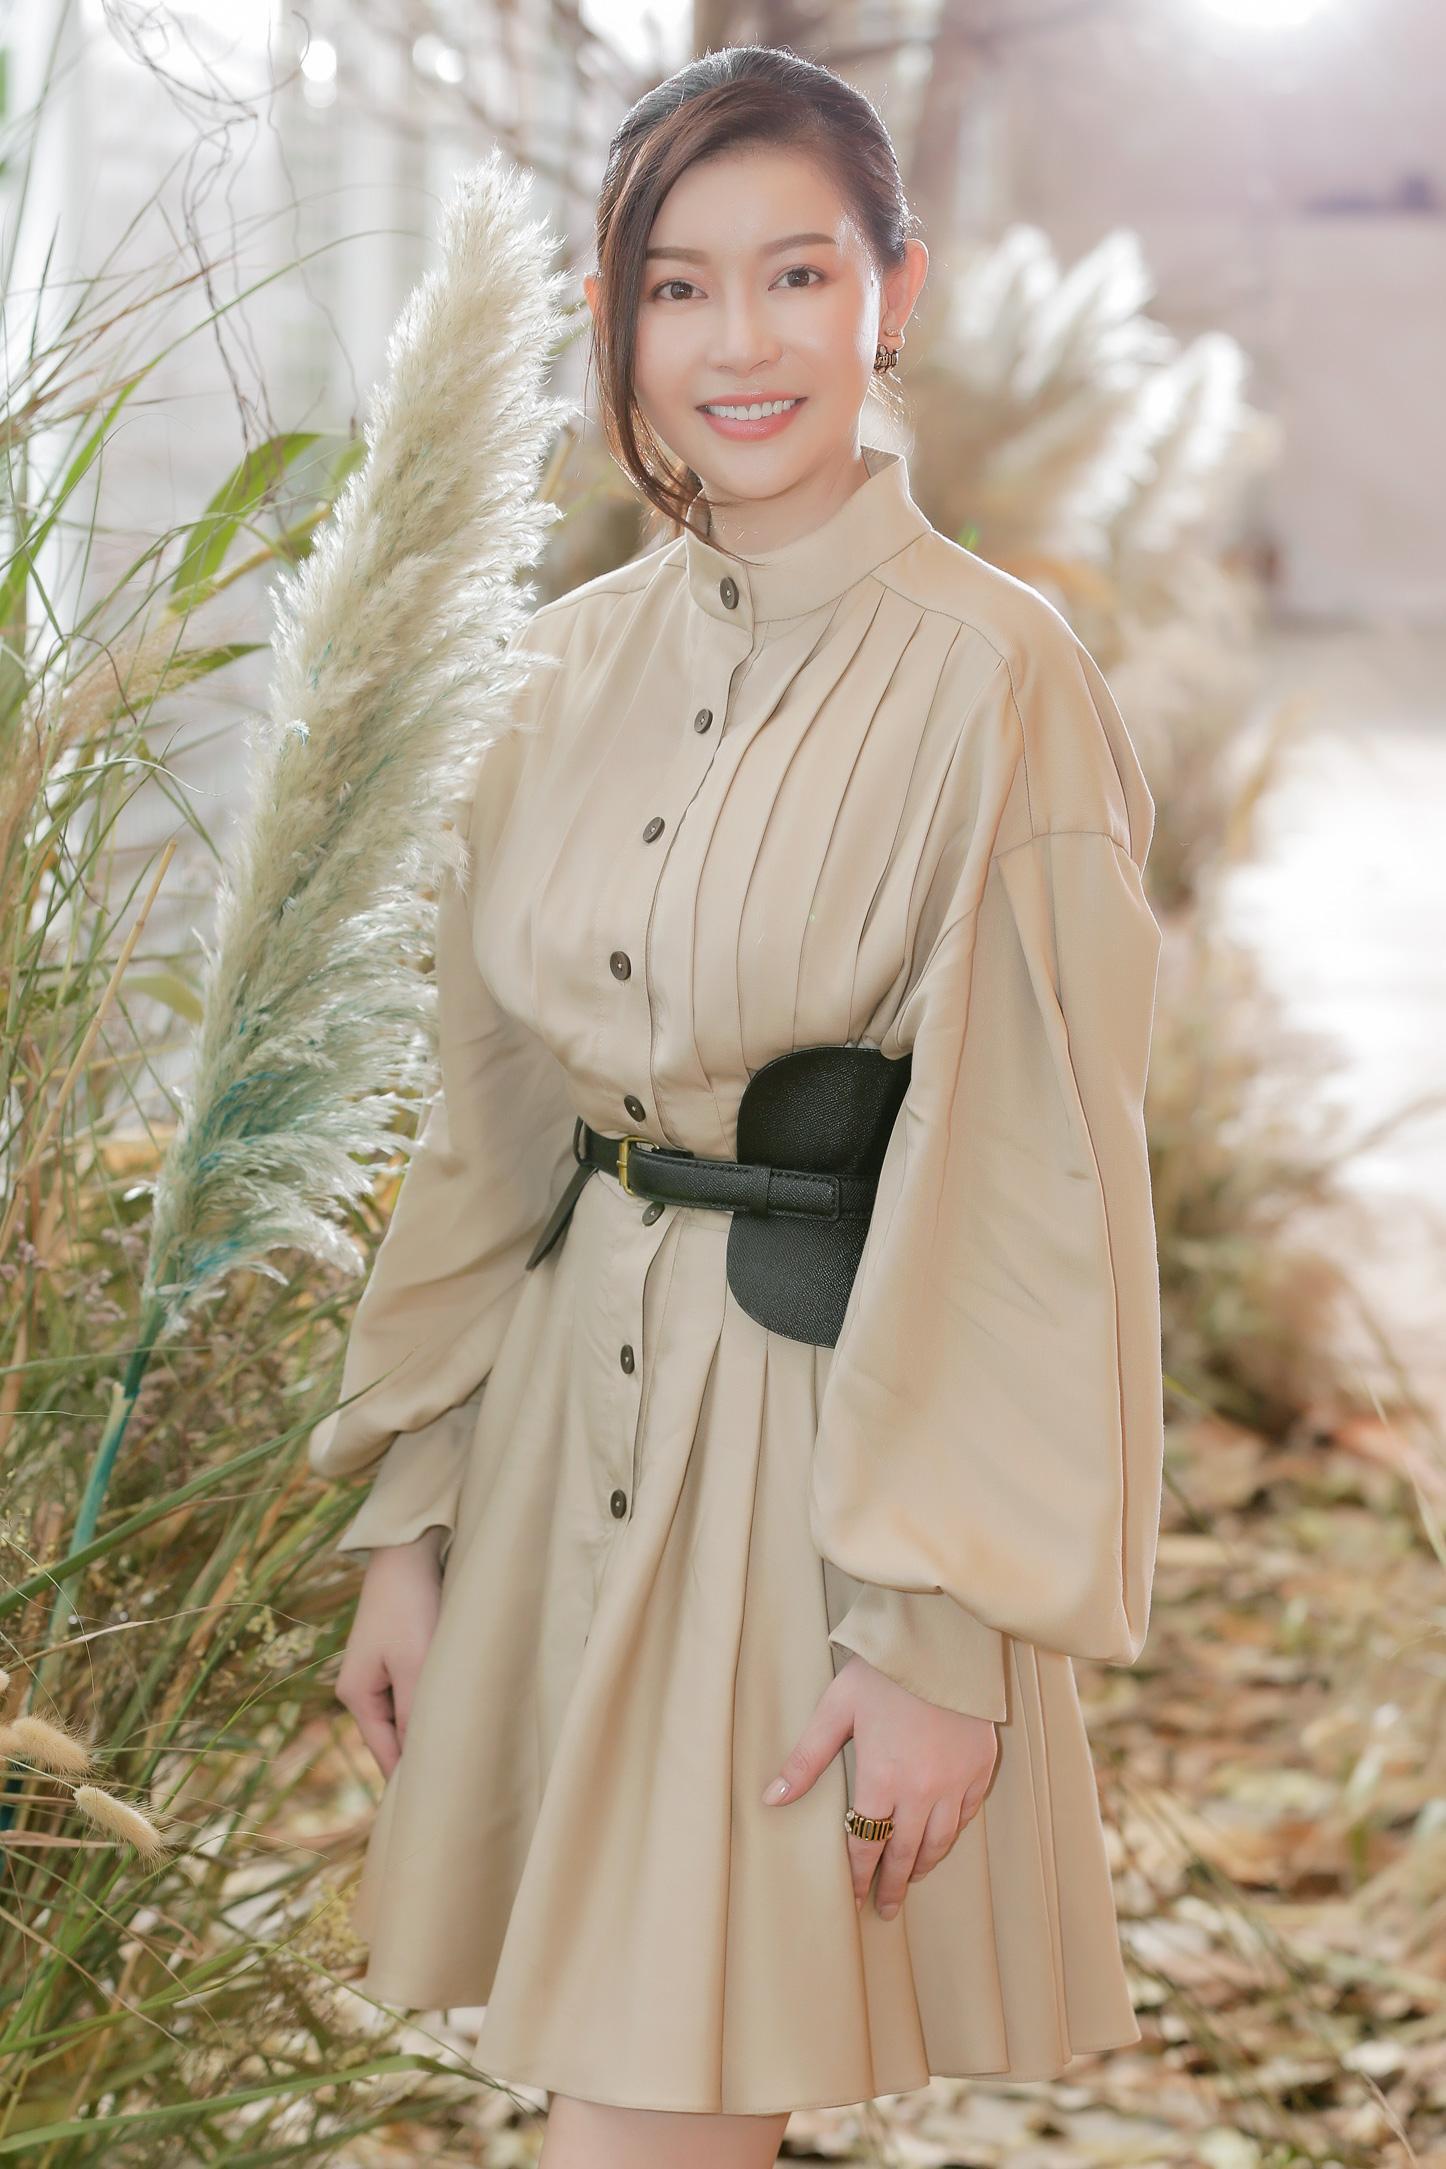 Hoa hậu Hải Dương được mỹ nam Minh Trung - Võ Cảnh tháp tùng, mua hơn nửa BST mới khi dự show của Chung Thanh Phong - Ảnh 3.